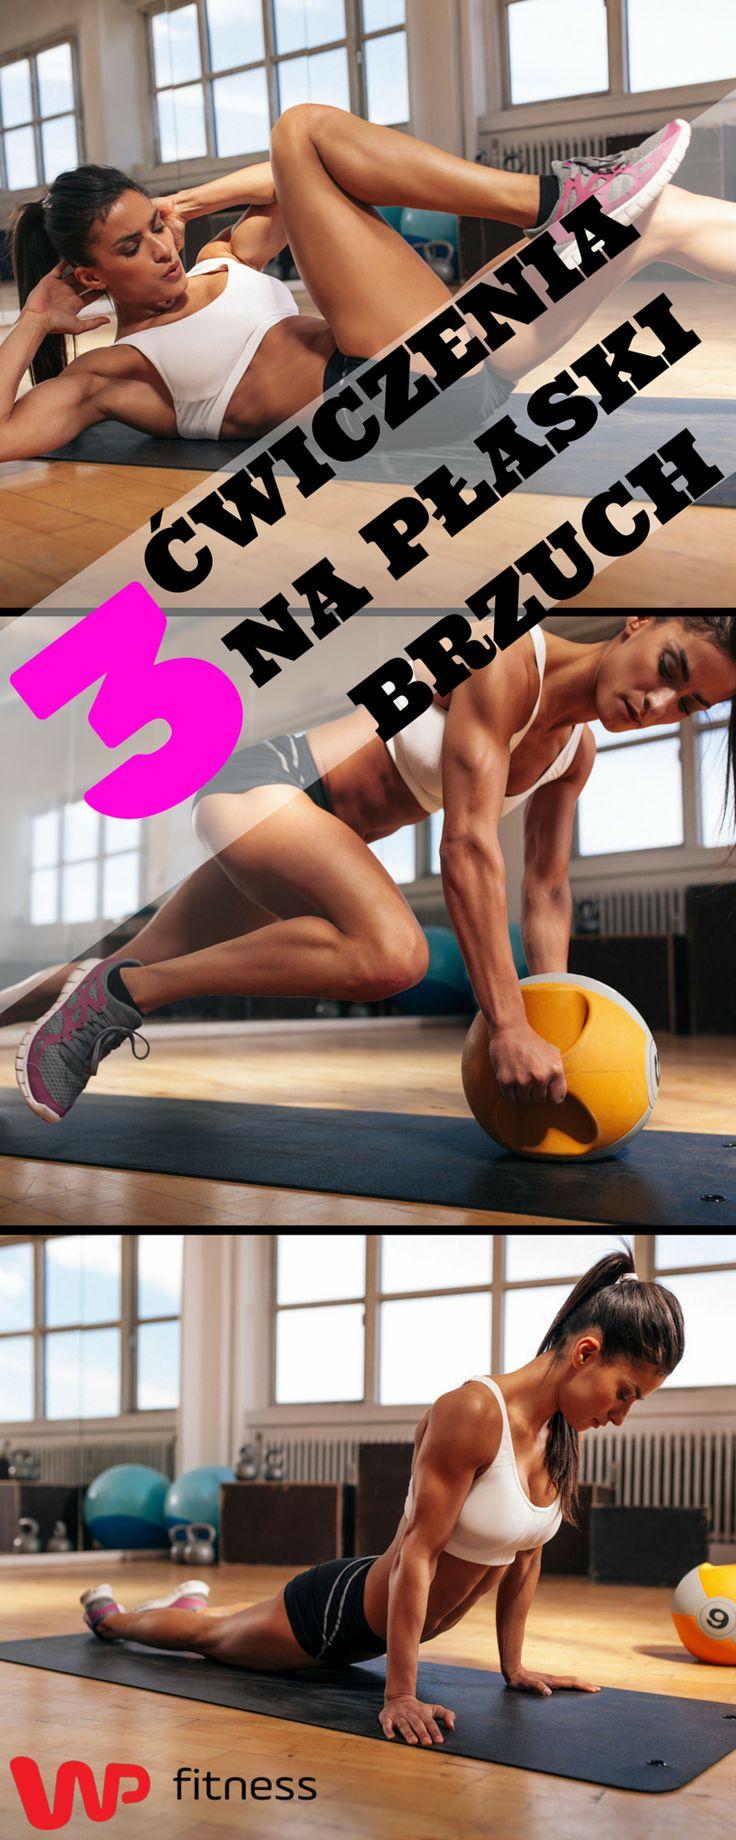 Chcecie się pochwalić płaskiem brzuchem? Wakacje już niedługo #body #fit #fitspo #Situp #abs #exercises #fitness #holiday #slim #diet #gym #ciało #figura #brzuszki #trening #ćwiczenia #wakacje